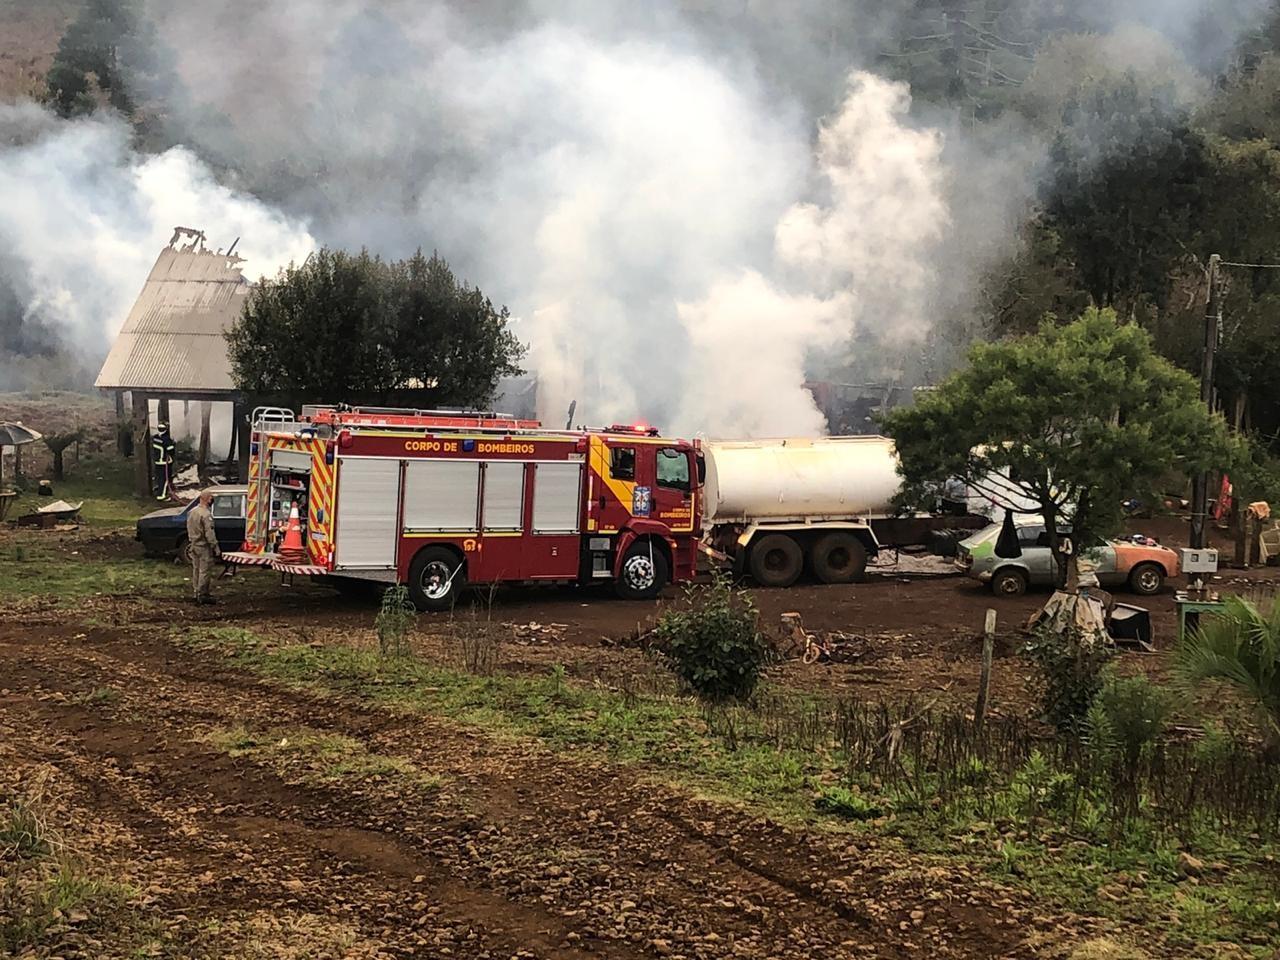 Duas crianças morrem após incêndio atingir casa em Turvo, diz Corpo de Bombeiros